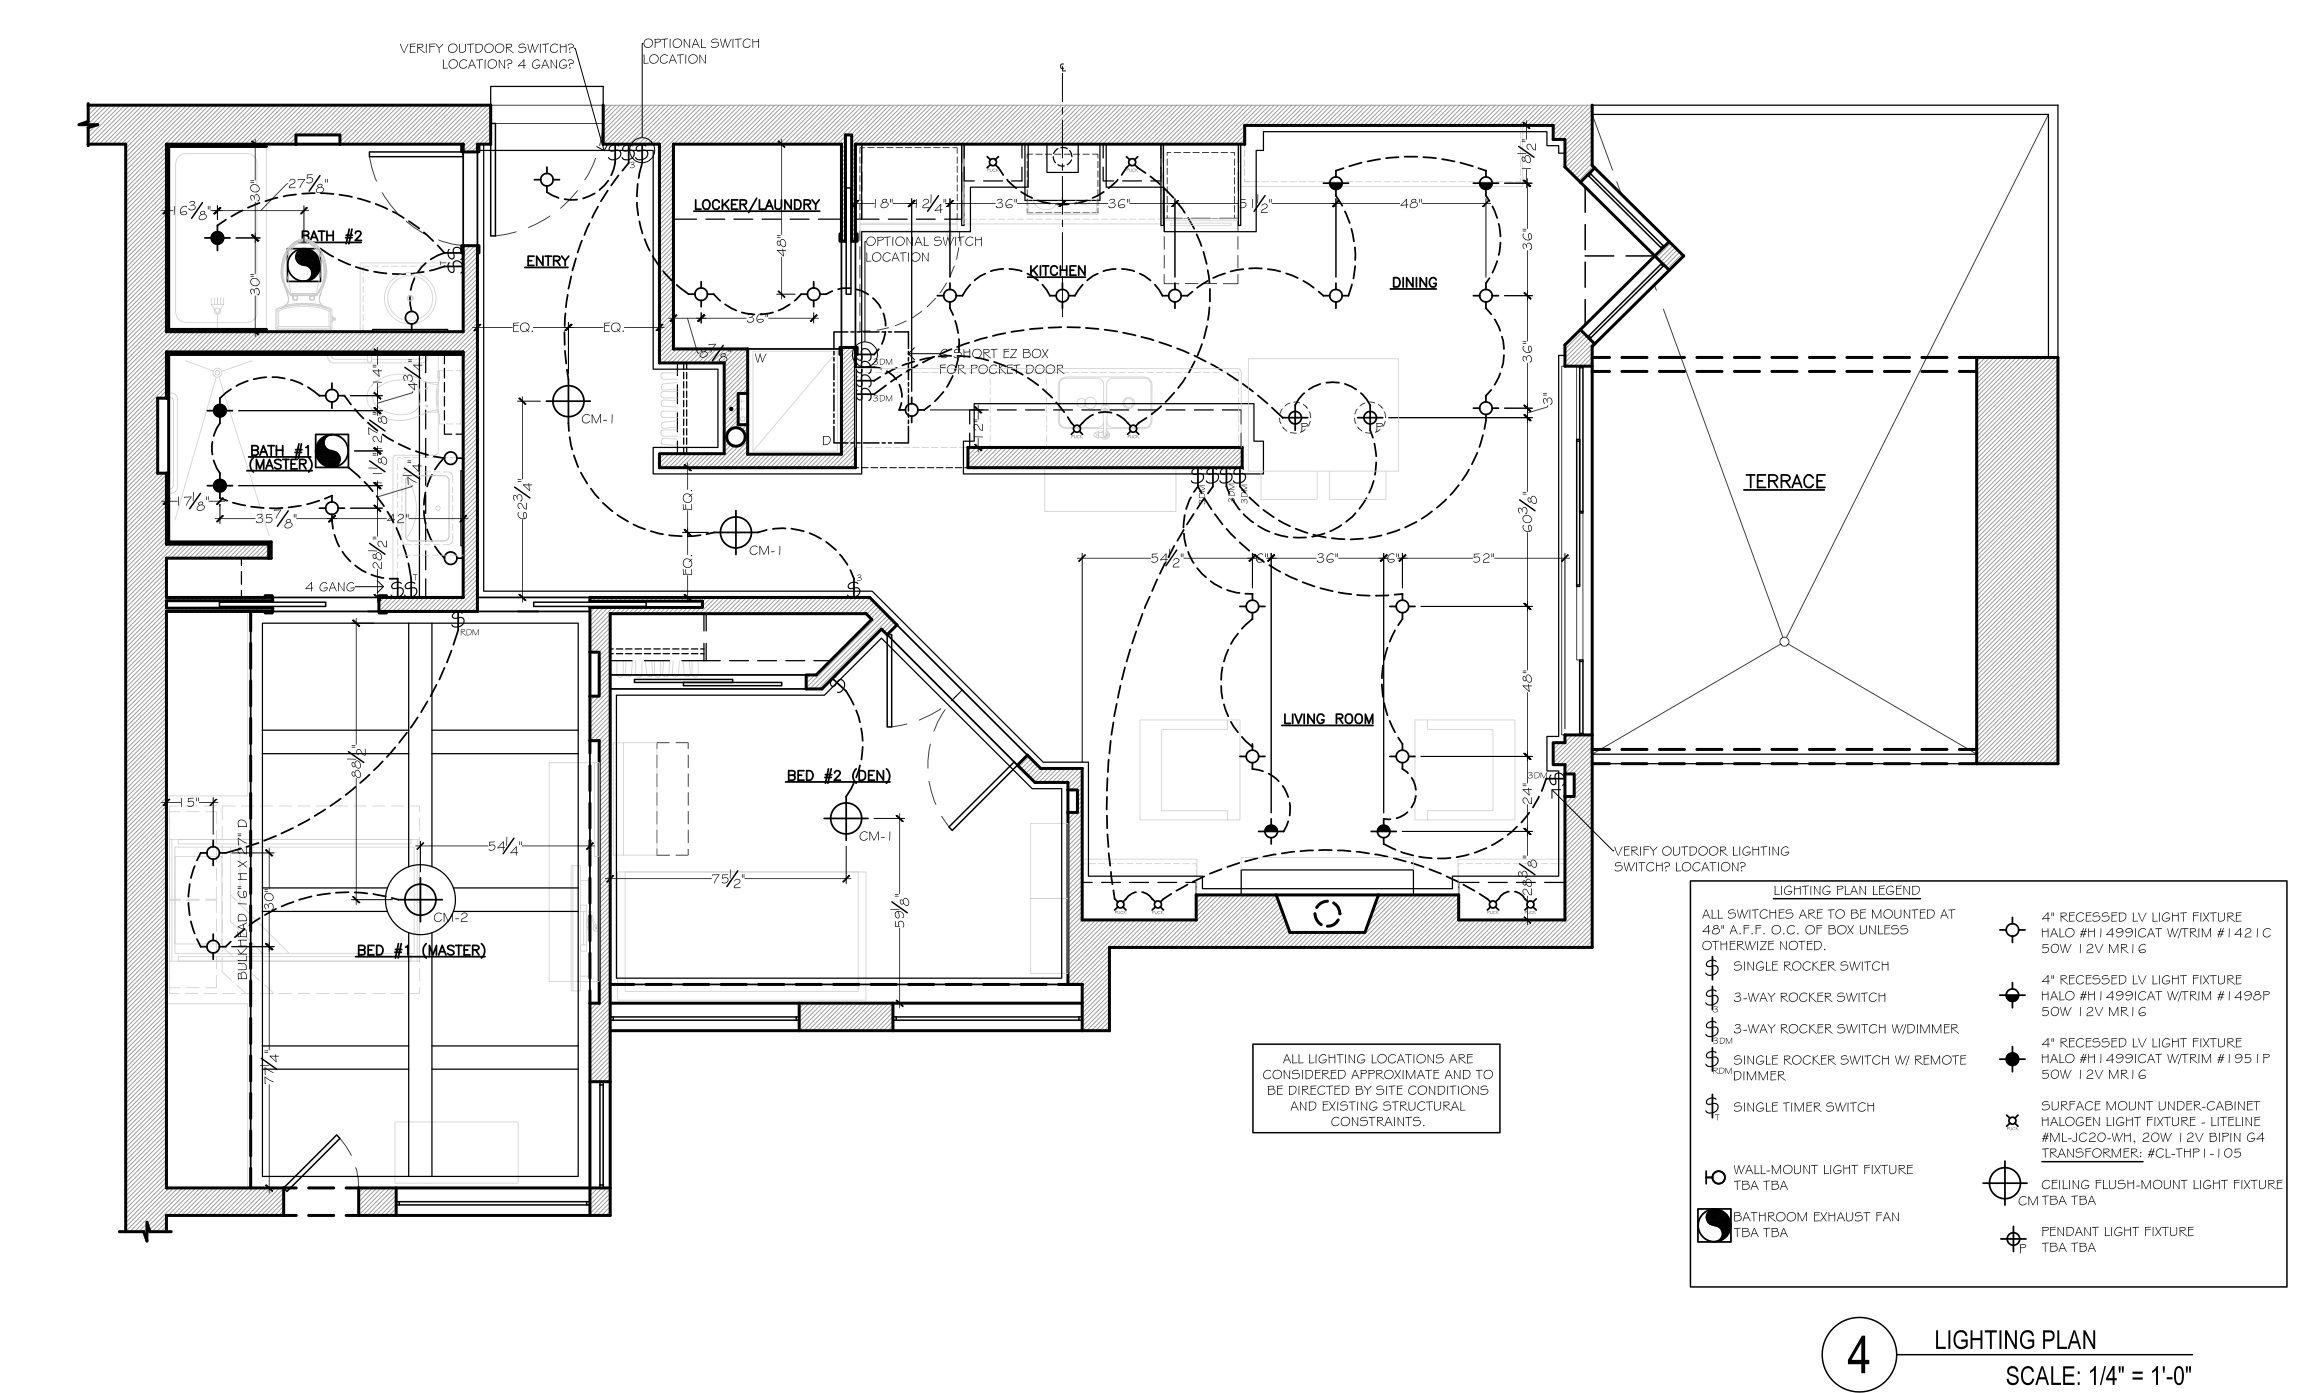 corey klassen interior design - lighting plan example